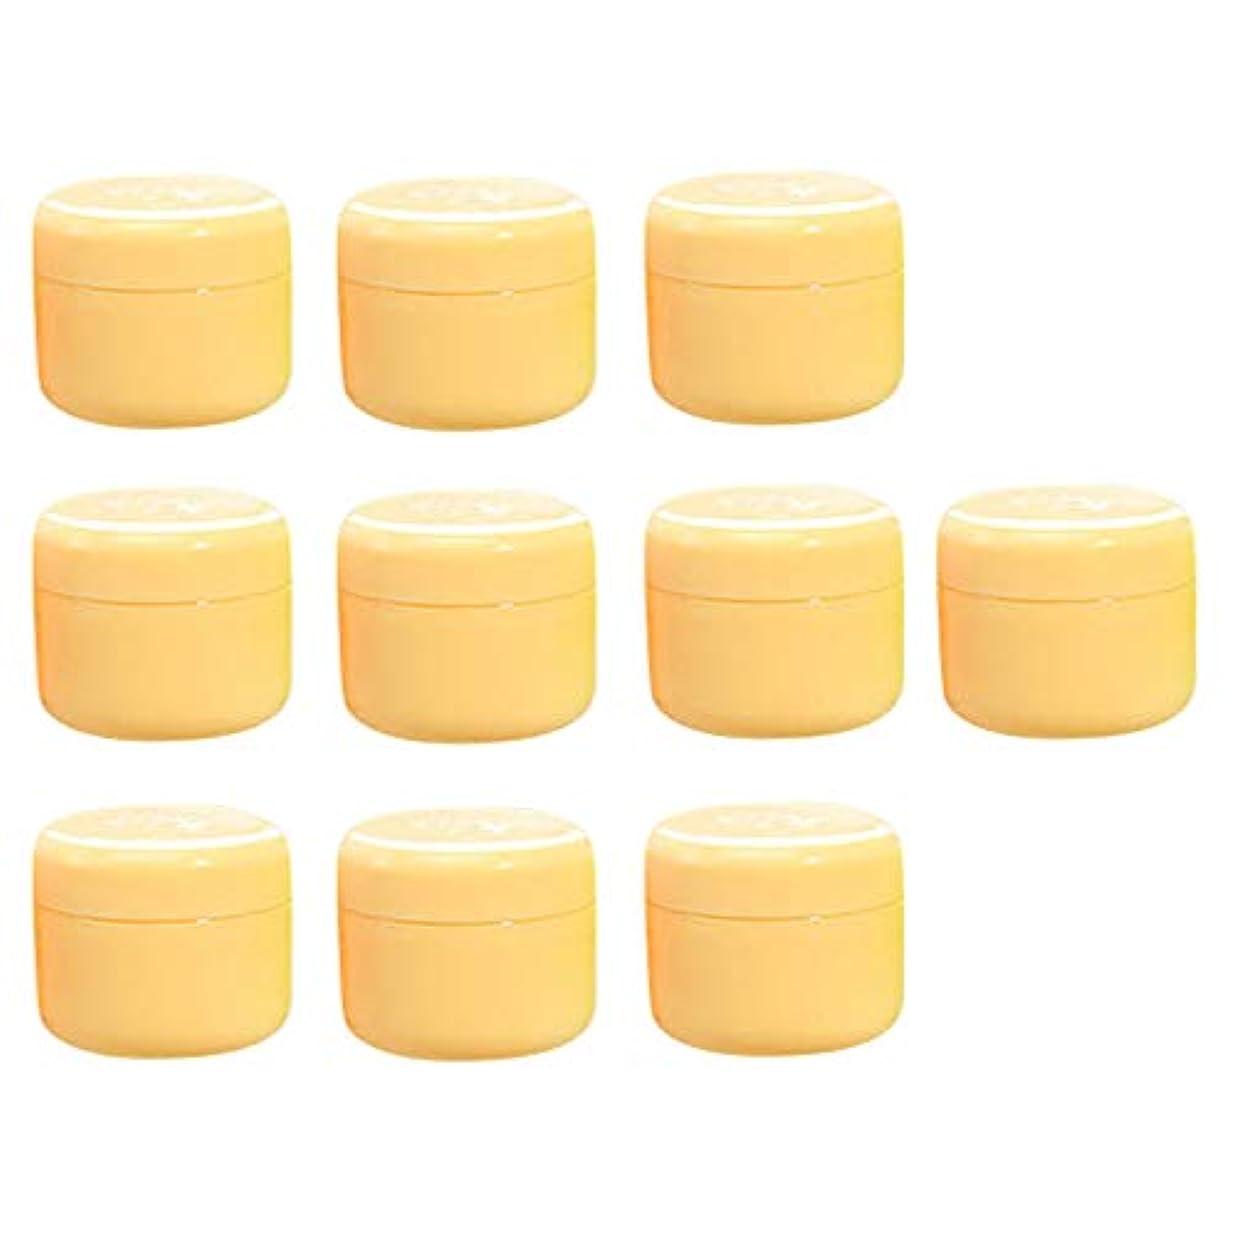 好戦的な屋内で毛布Toygogo ふたの帽子が付いている10部分の詰め替え式のプラスチック空の表面クリームの化粧品の容器 - イエロー20g